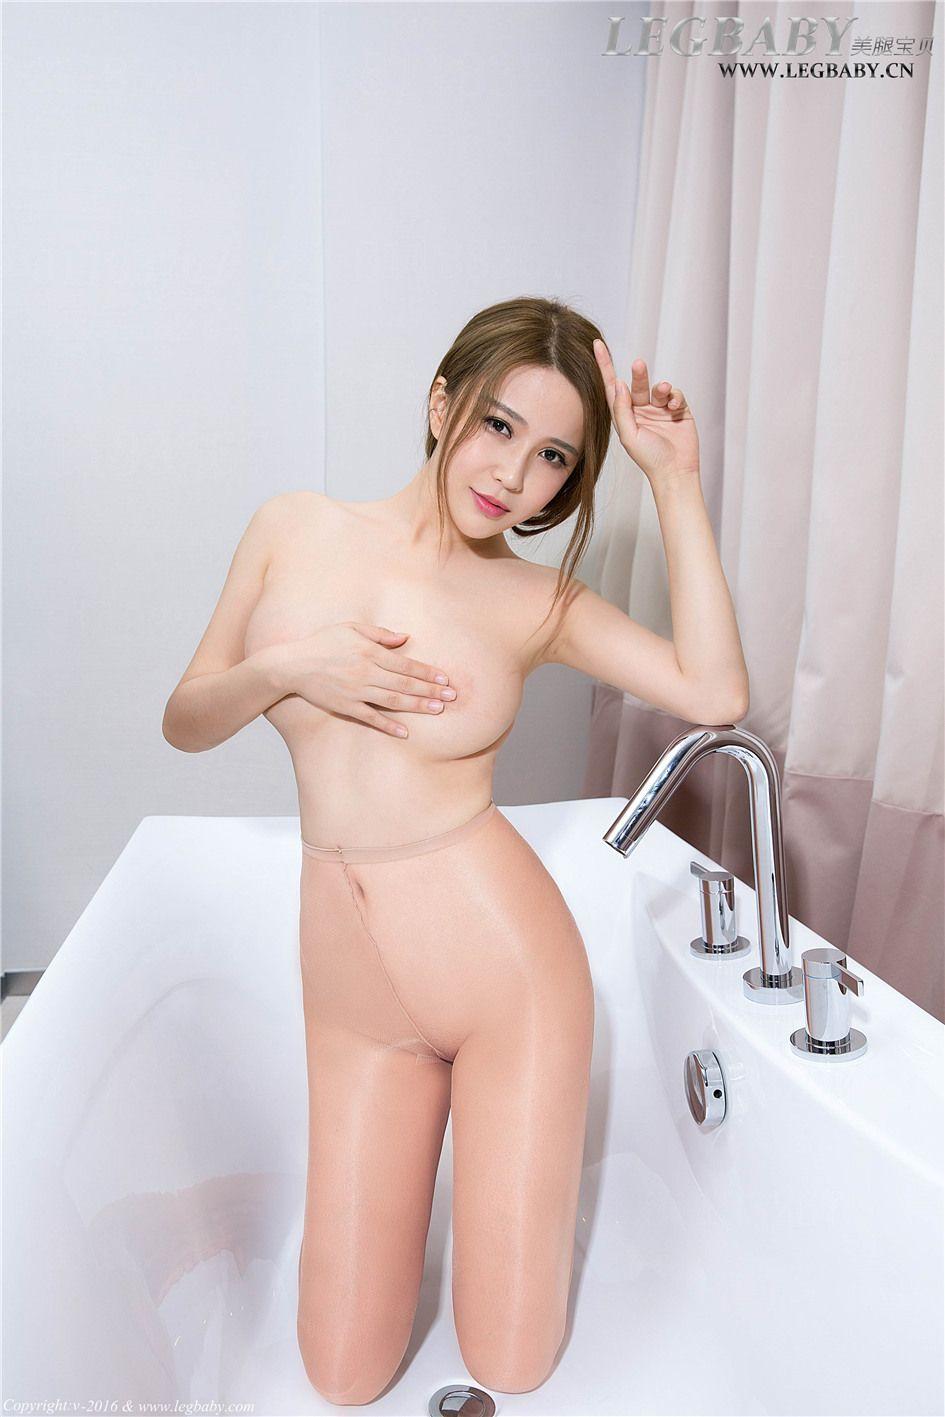 [美腿宝贝] 90后性感丝袜美女若兮浴室  NO.013 美